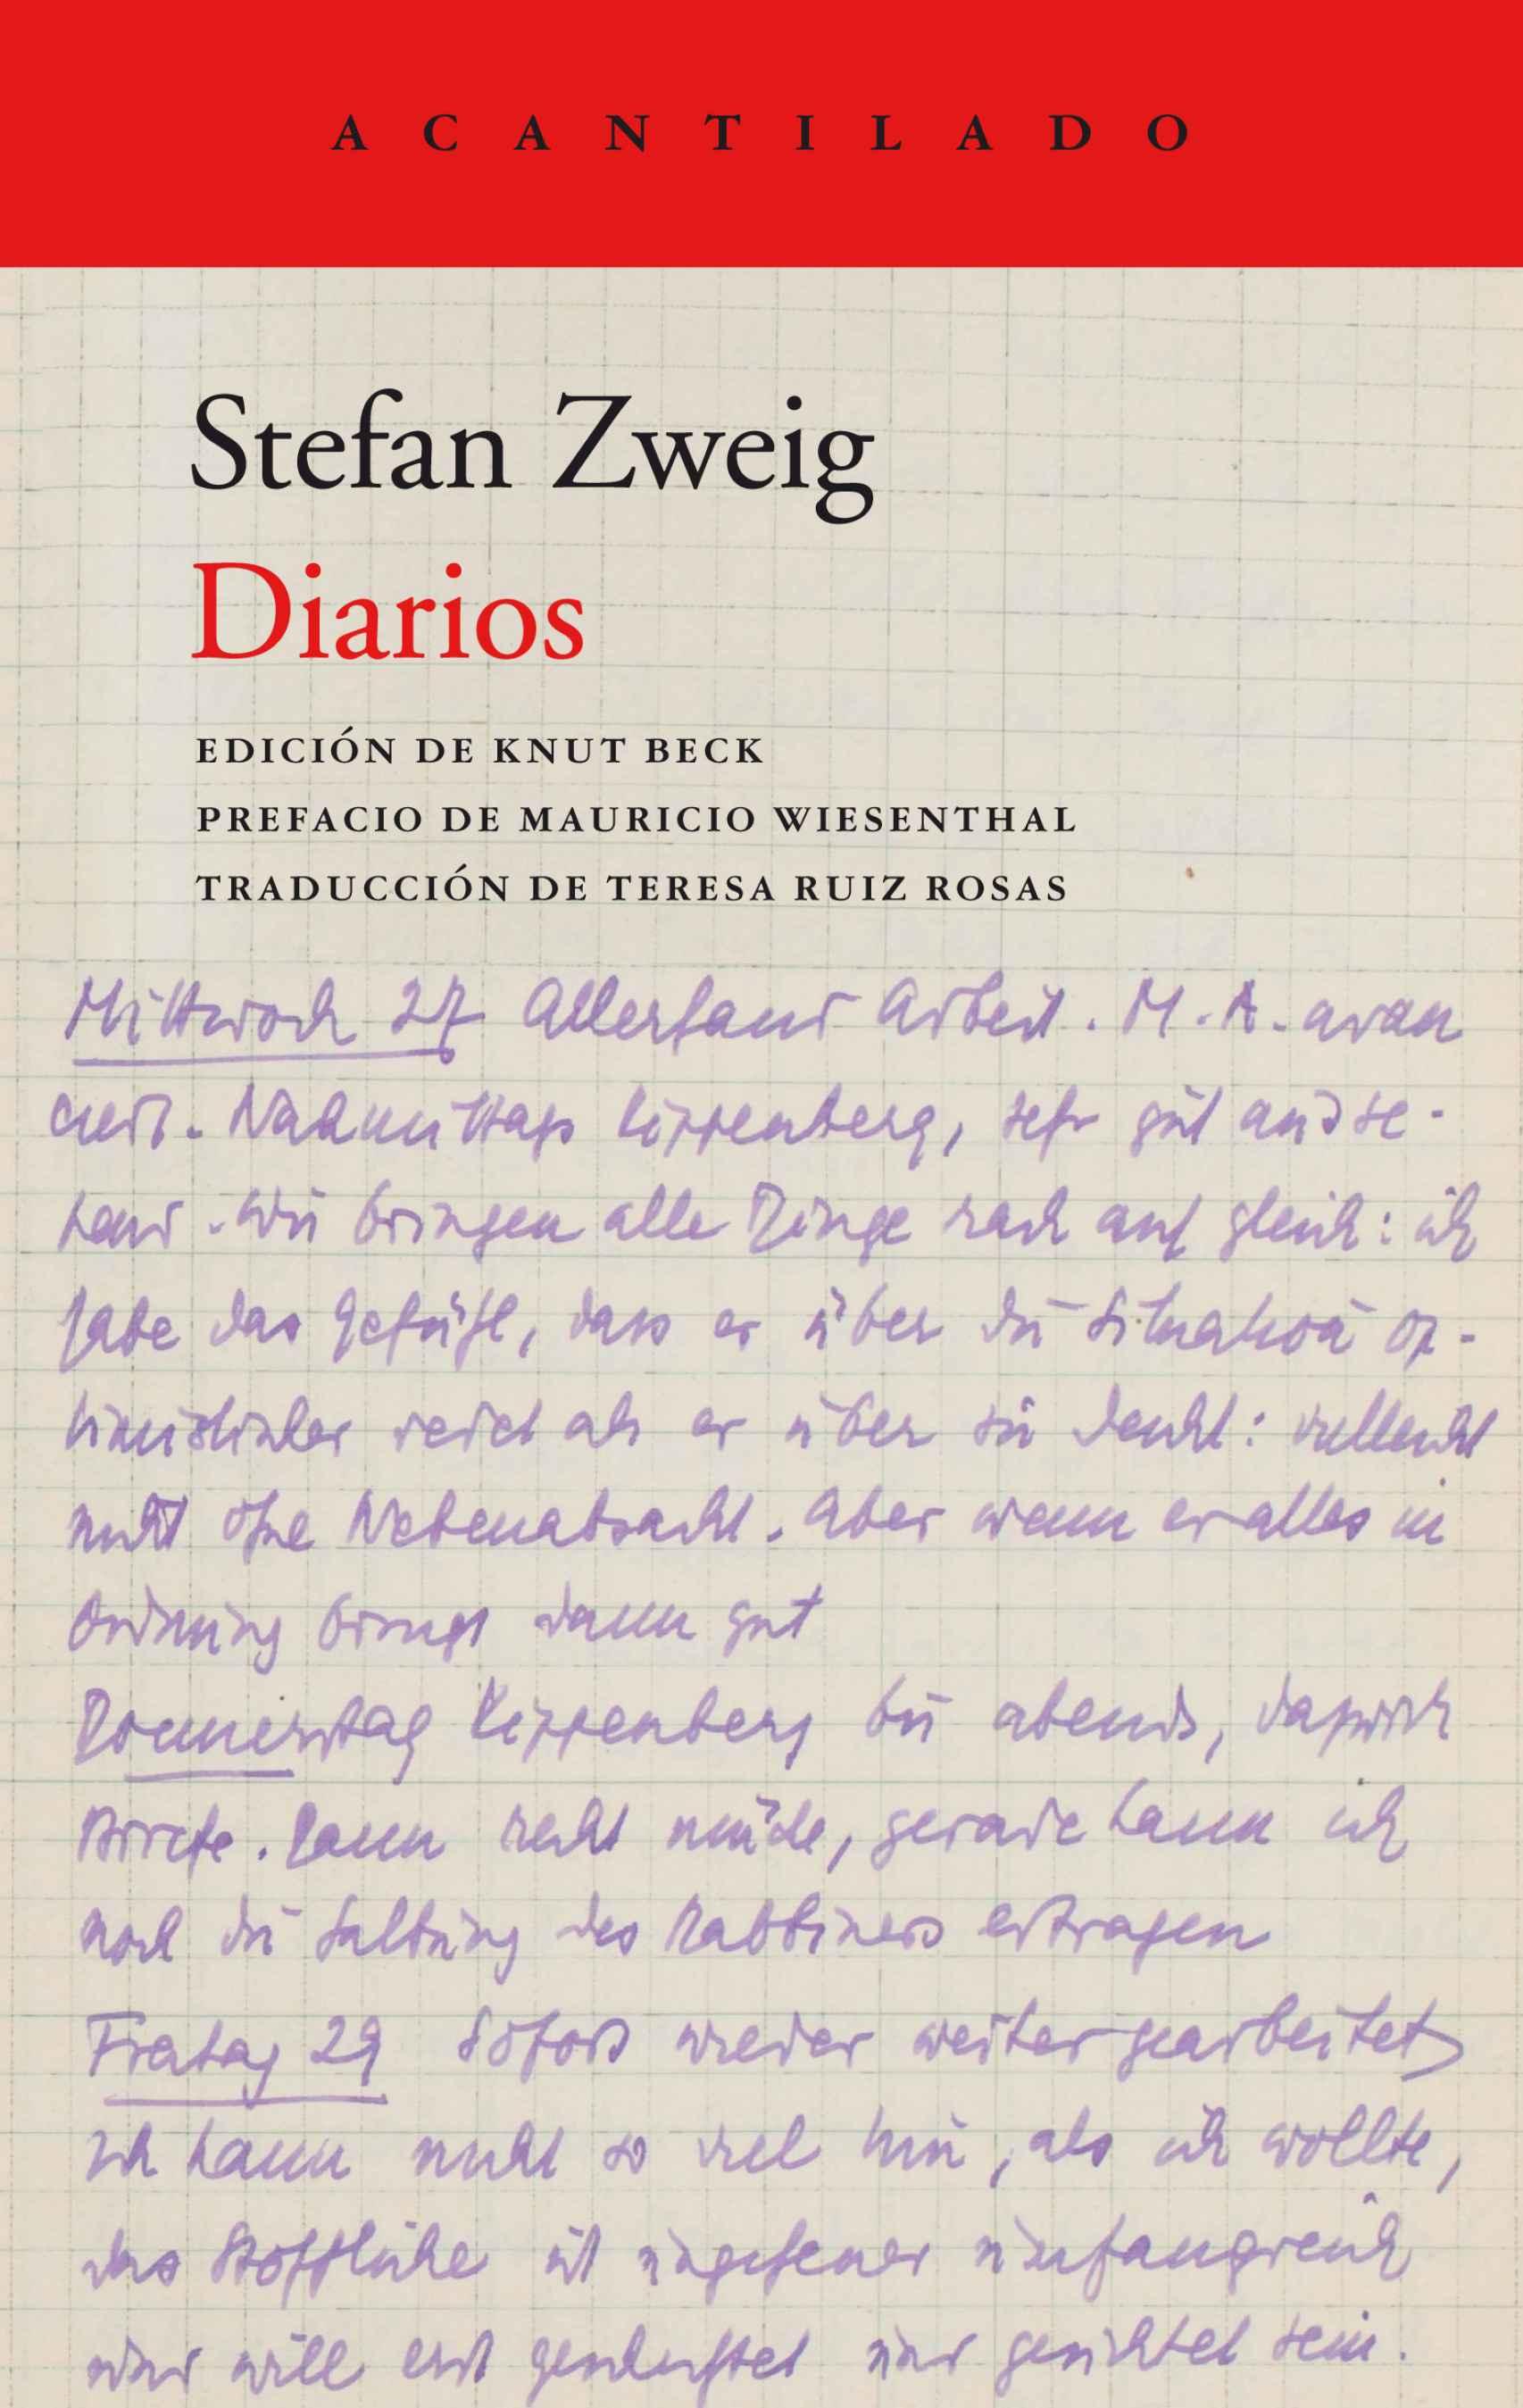 Los diarios de Zweig recientemente editados por Acantilado